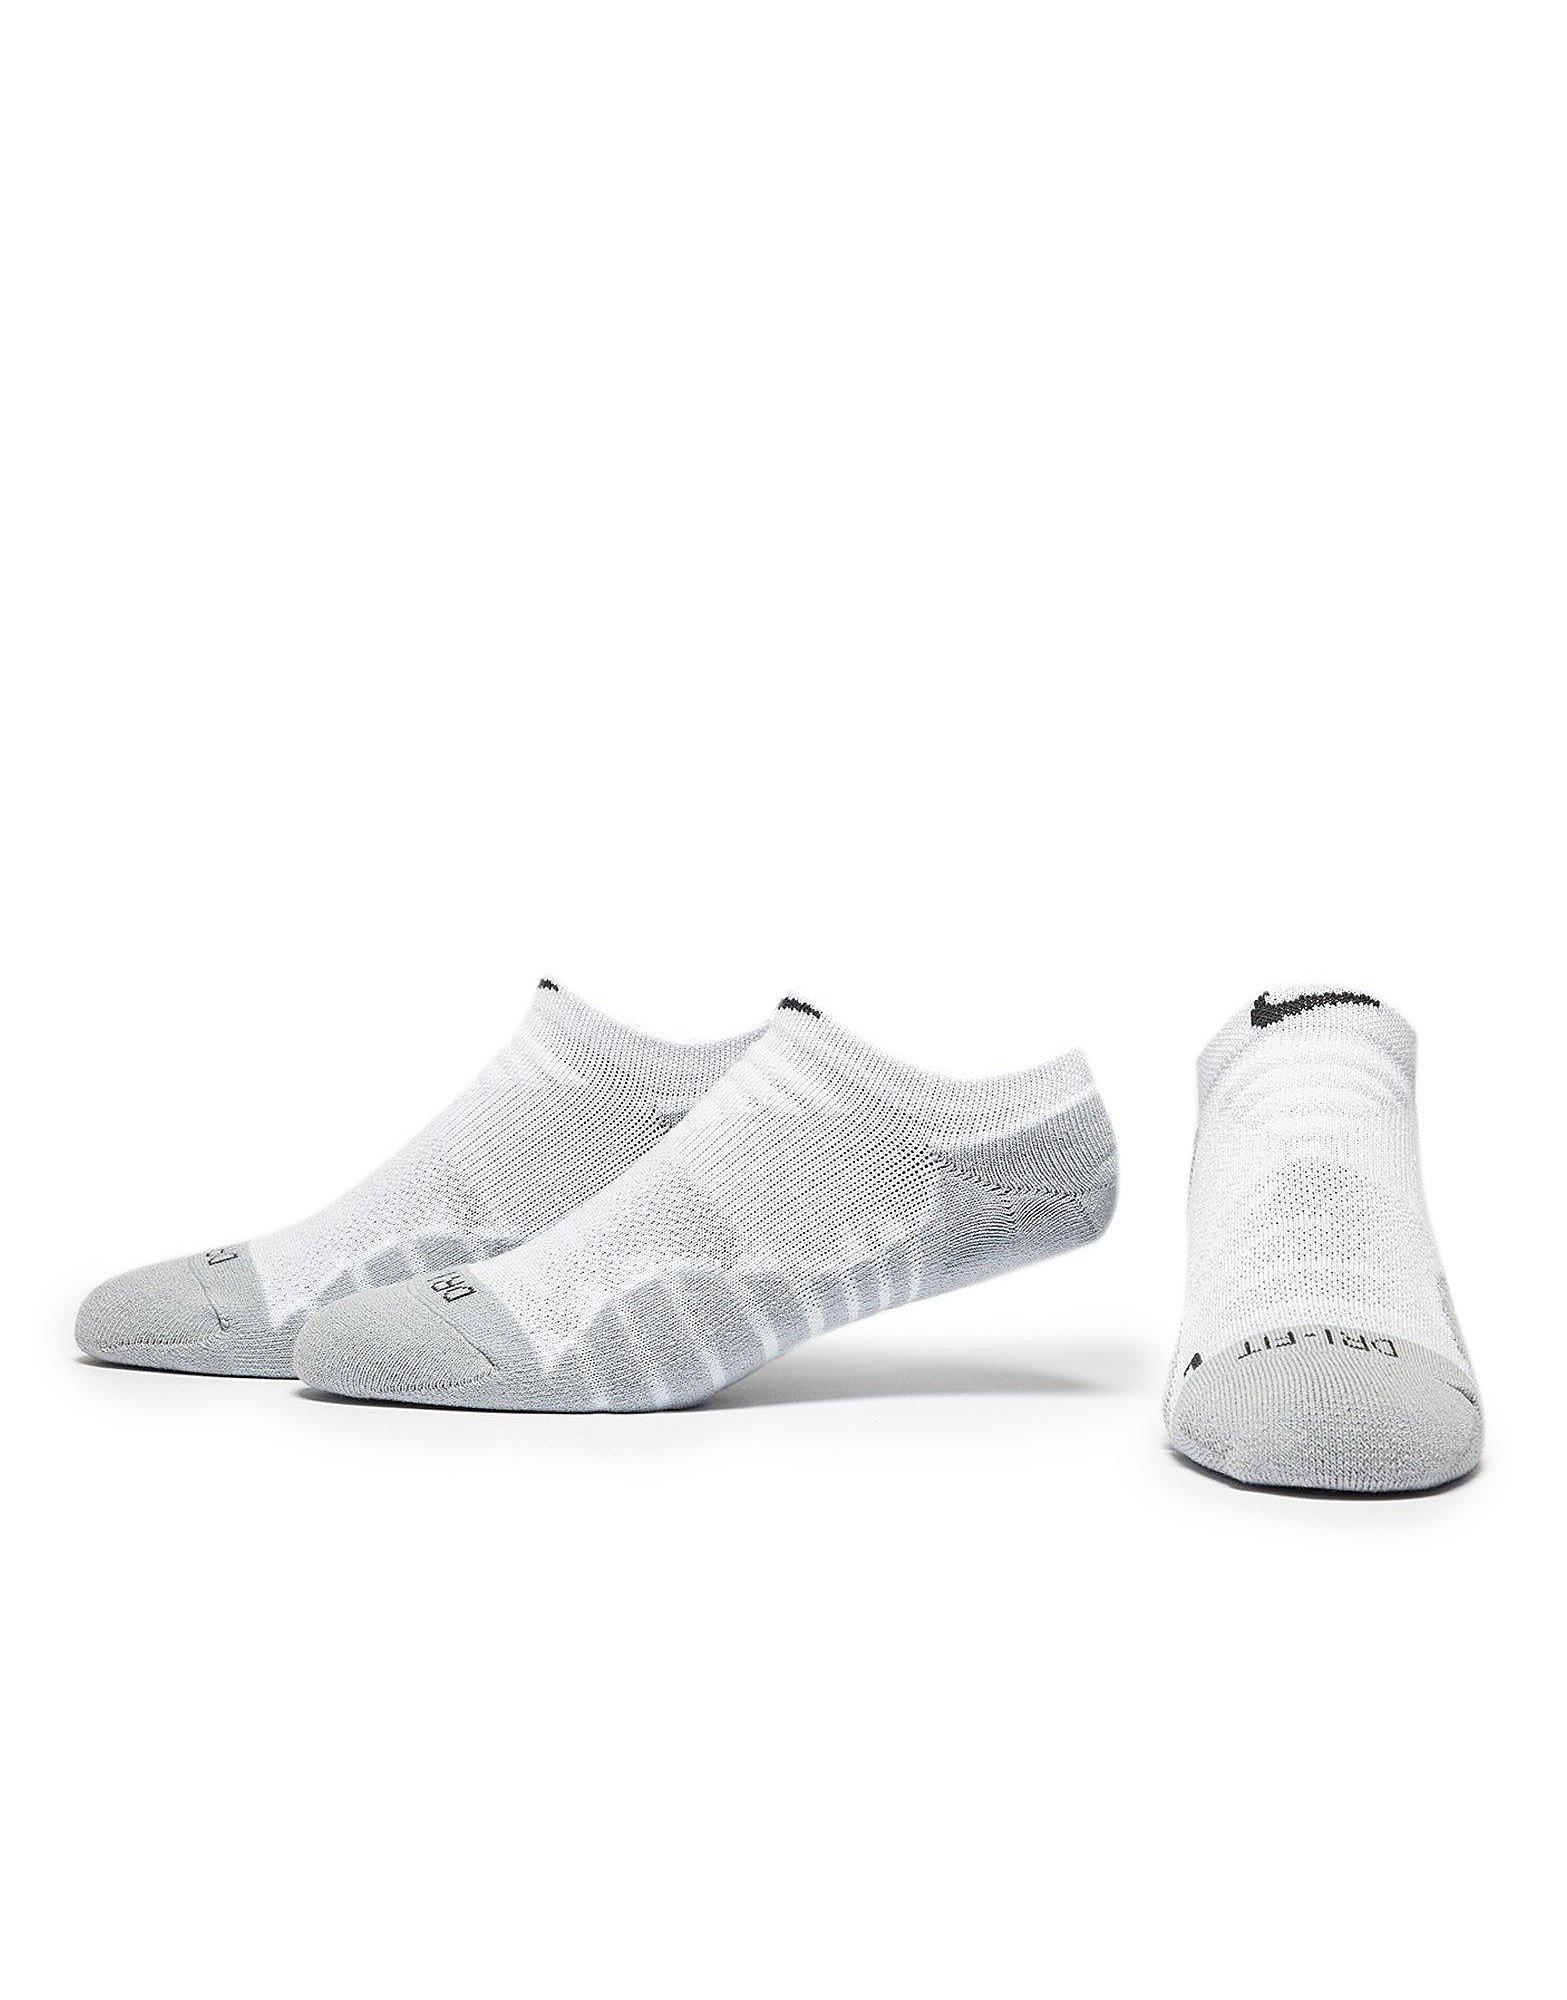 Nike Women's 3 Pack No Show Running Socks